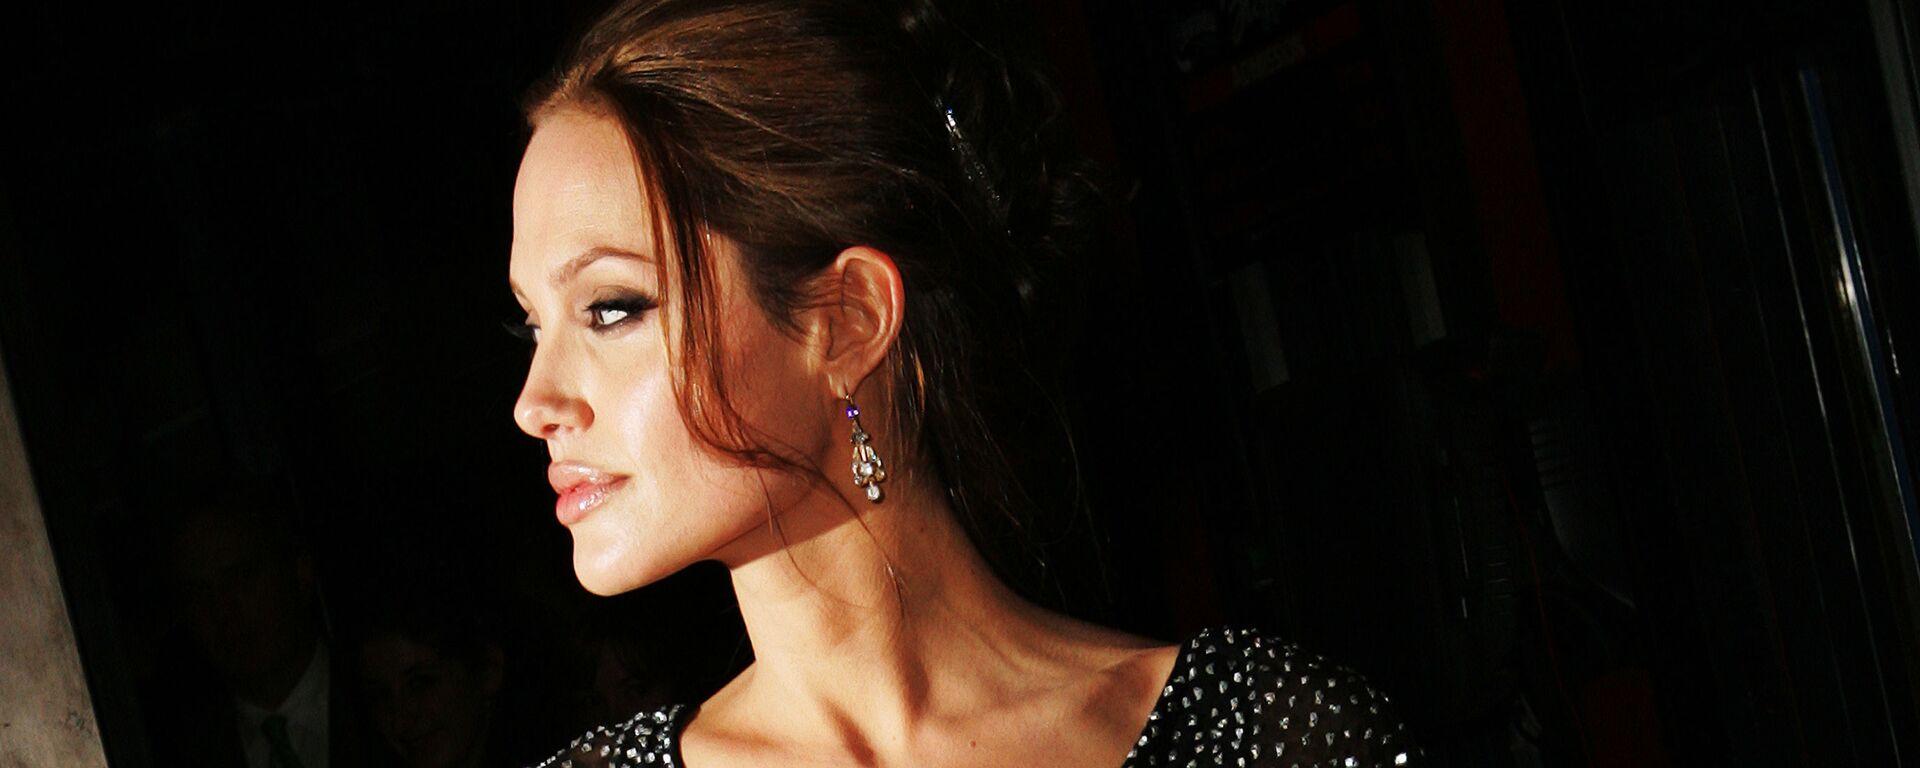 Americká herečka Angelina Jolie - Sputnik Česká republika, 1920, 05.05.2021